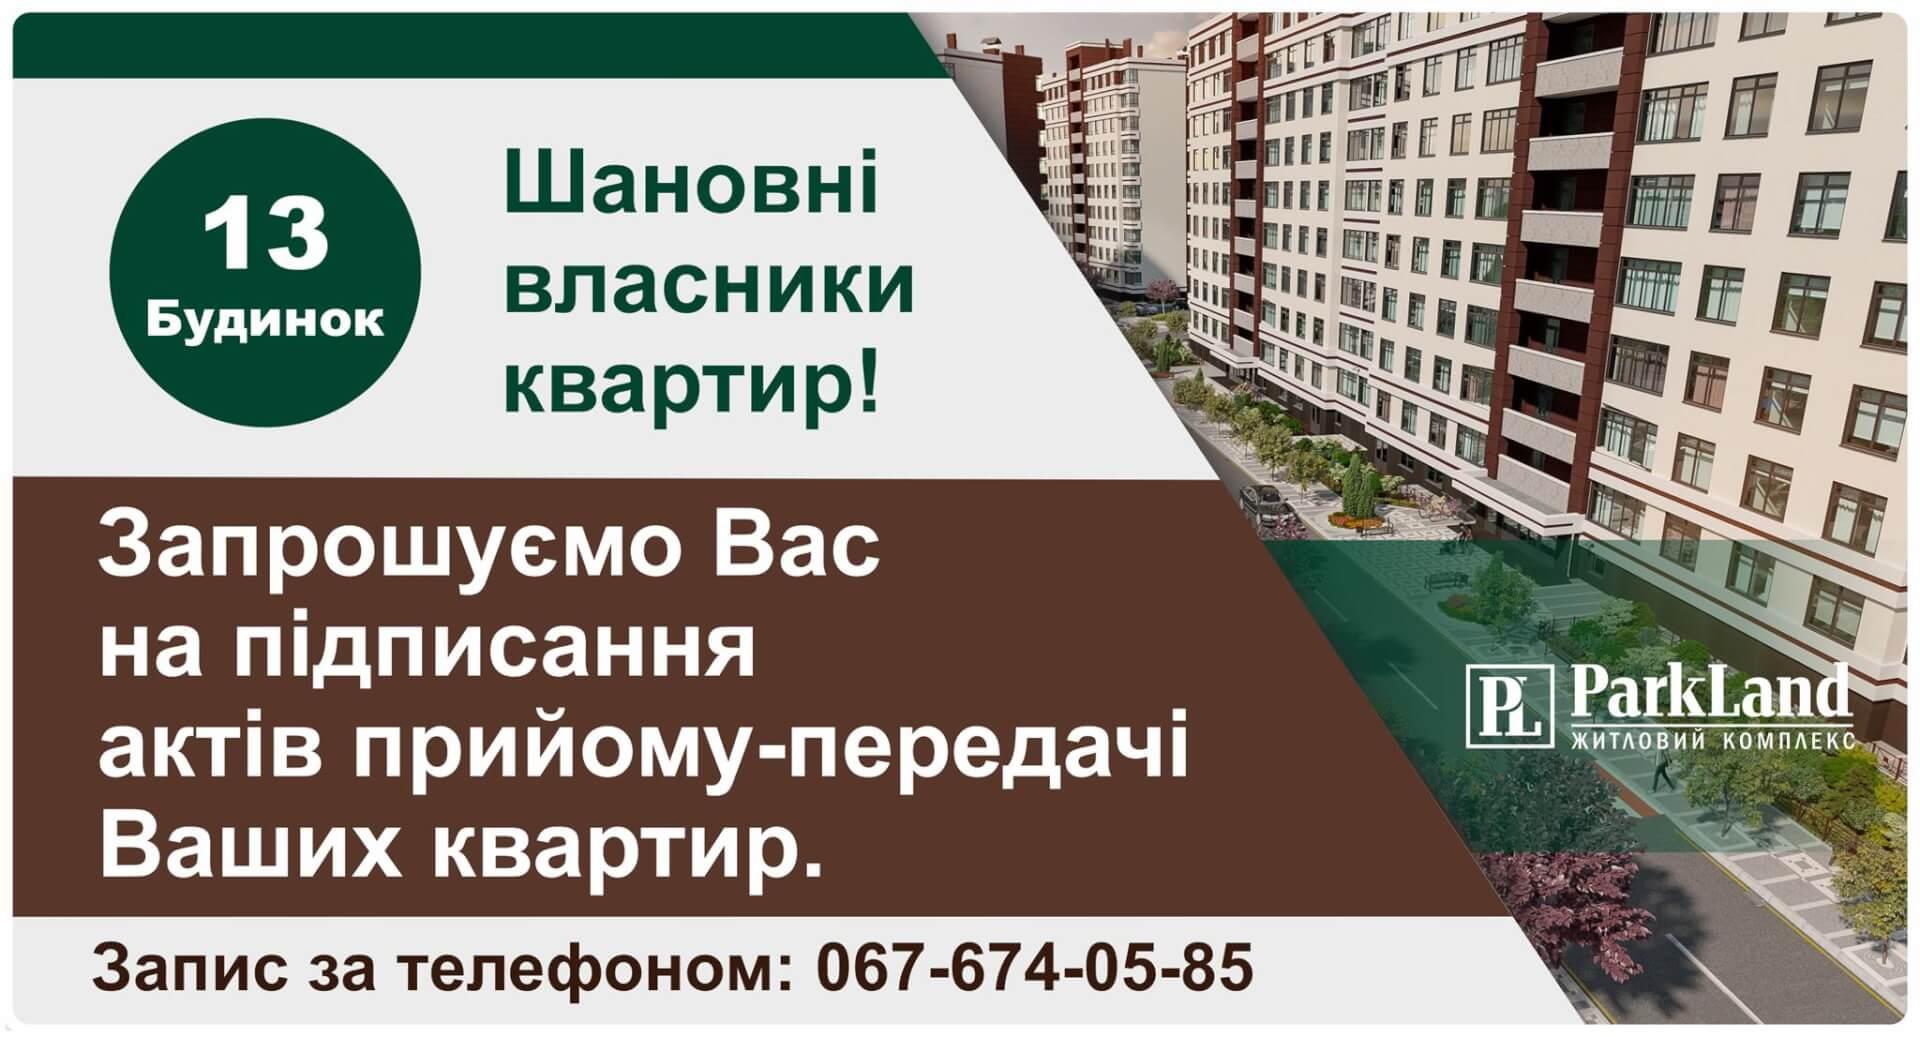 news250718-ukr